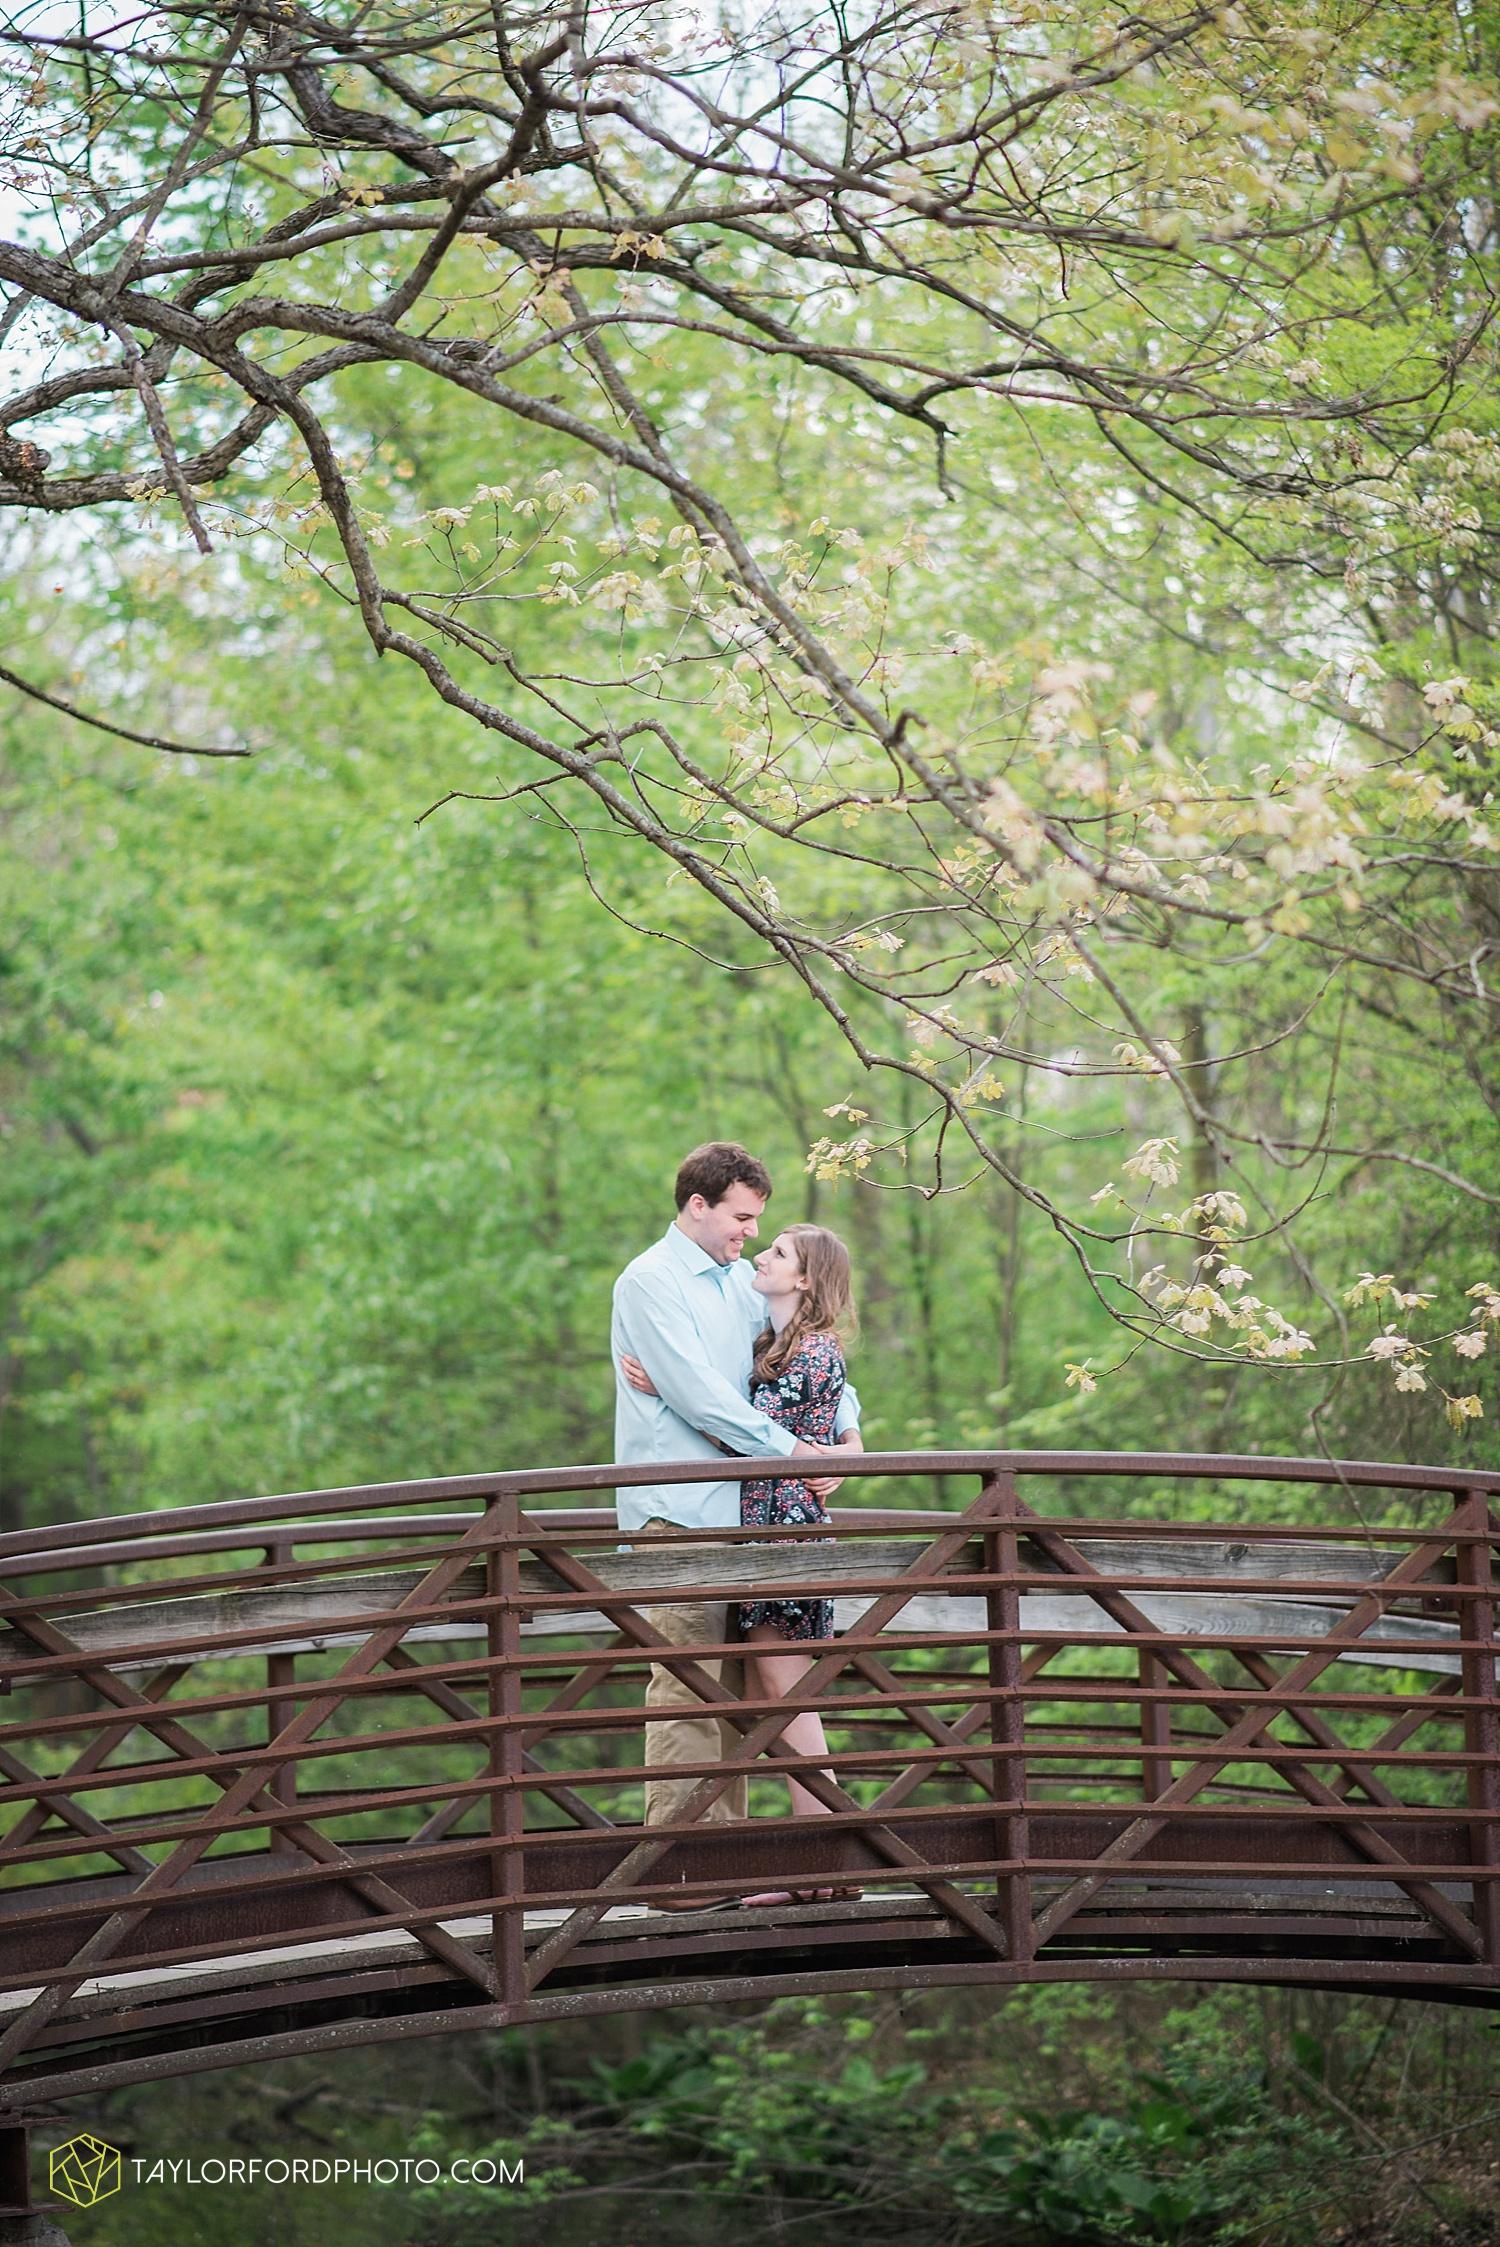 toledo-ohio-engagement-wedding-photographer-taylor-ford-photography-oaks-opening-metro-park-botanical-gardens17.jpg